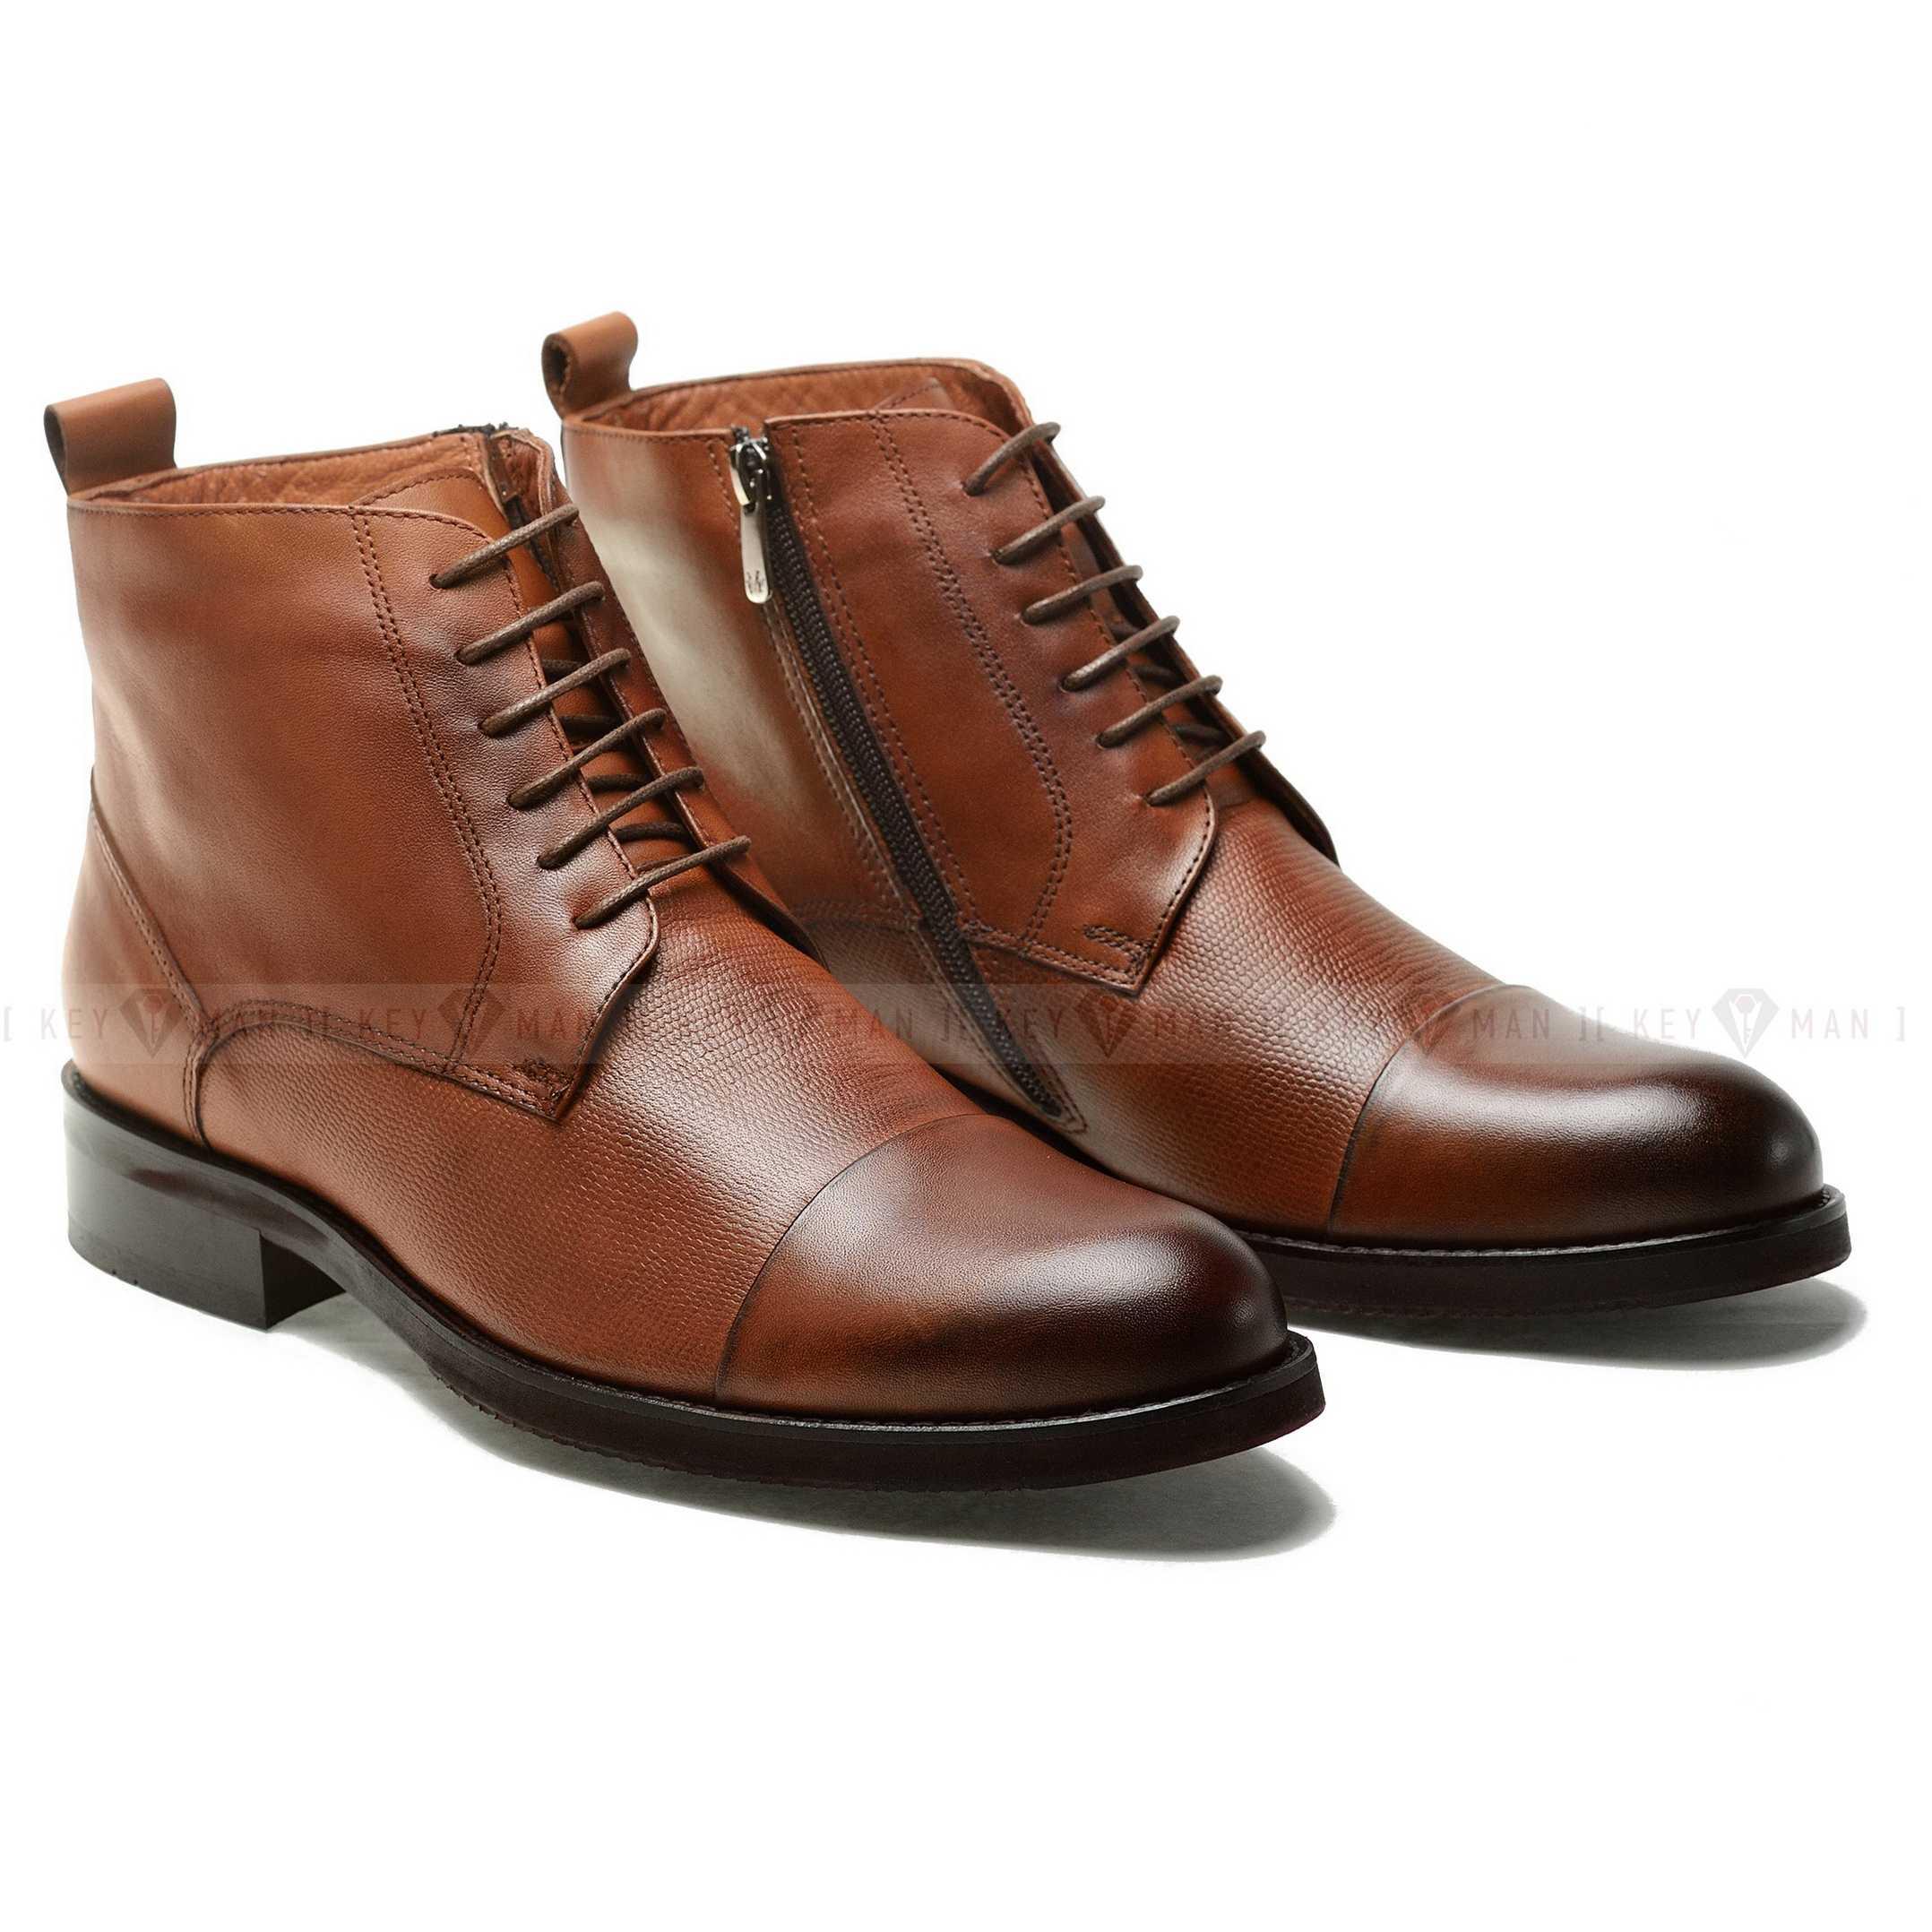 Ботинки мужские рыжие на шнурках с отрезным мысом (cap toe boots)